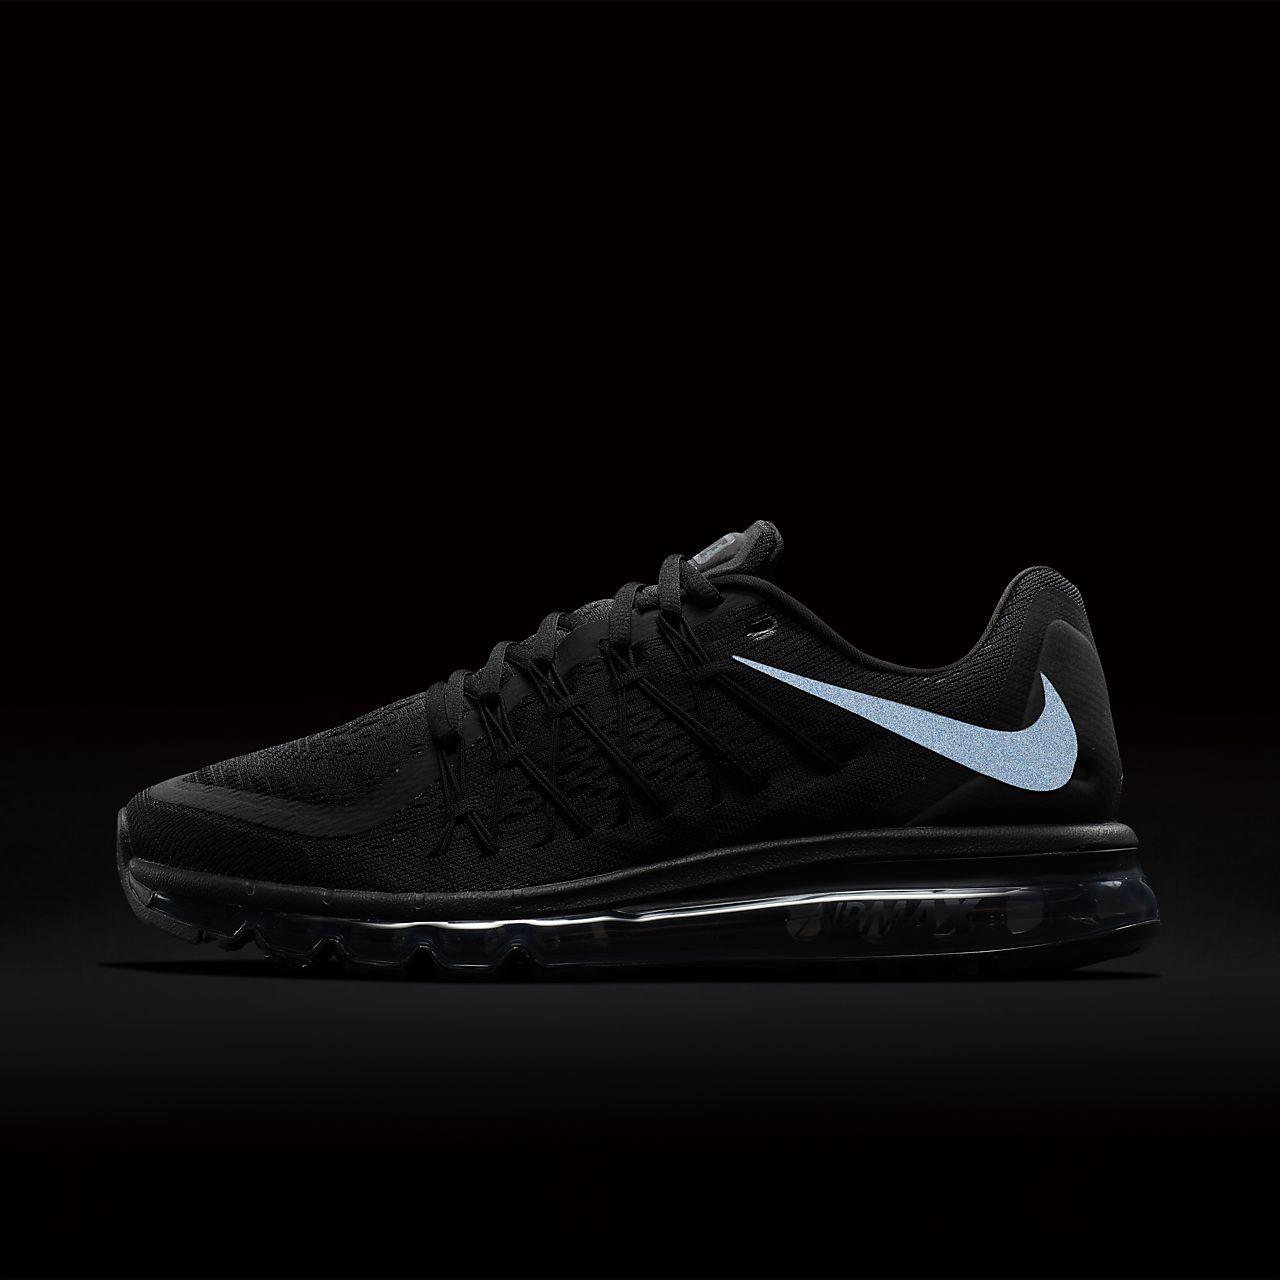 2015 Shoe Max Nike Air Men's n0mNw8